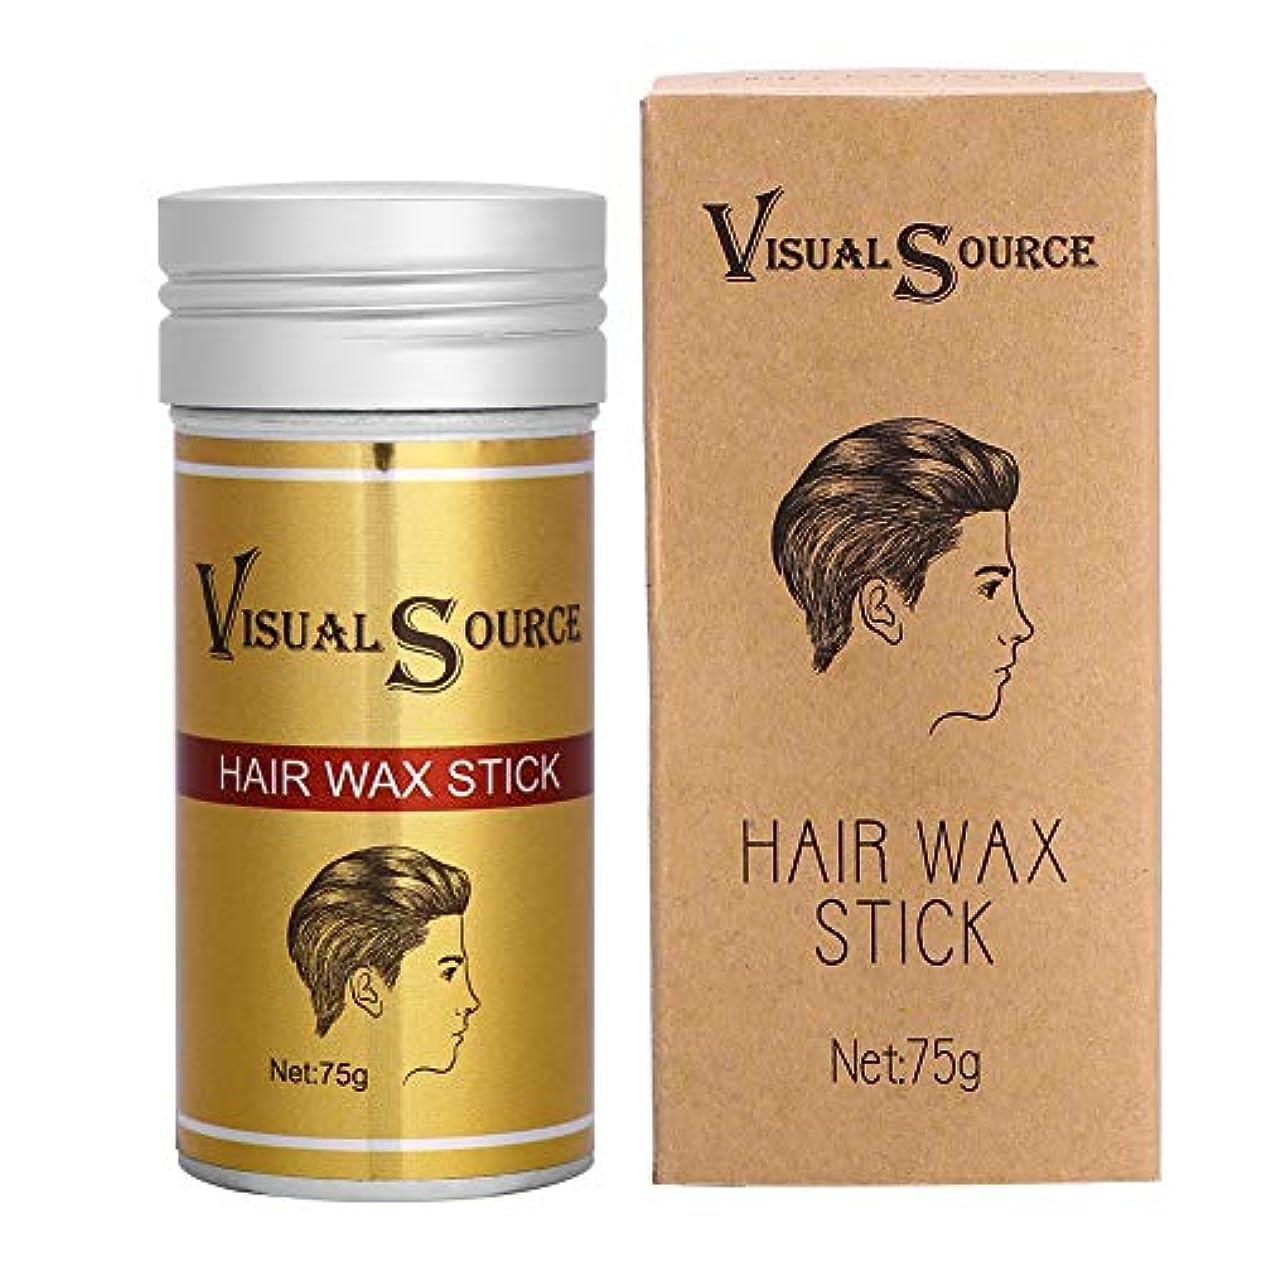 曲げるいつを除くヘアスタイリングワックス、75g /ボトルヘアワックススティックロングラストナチュラルヘアスタイルモデルスタイリングブロークンヘアジェルワックスクリーム